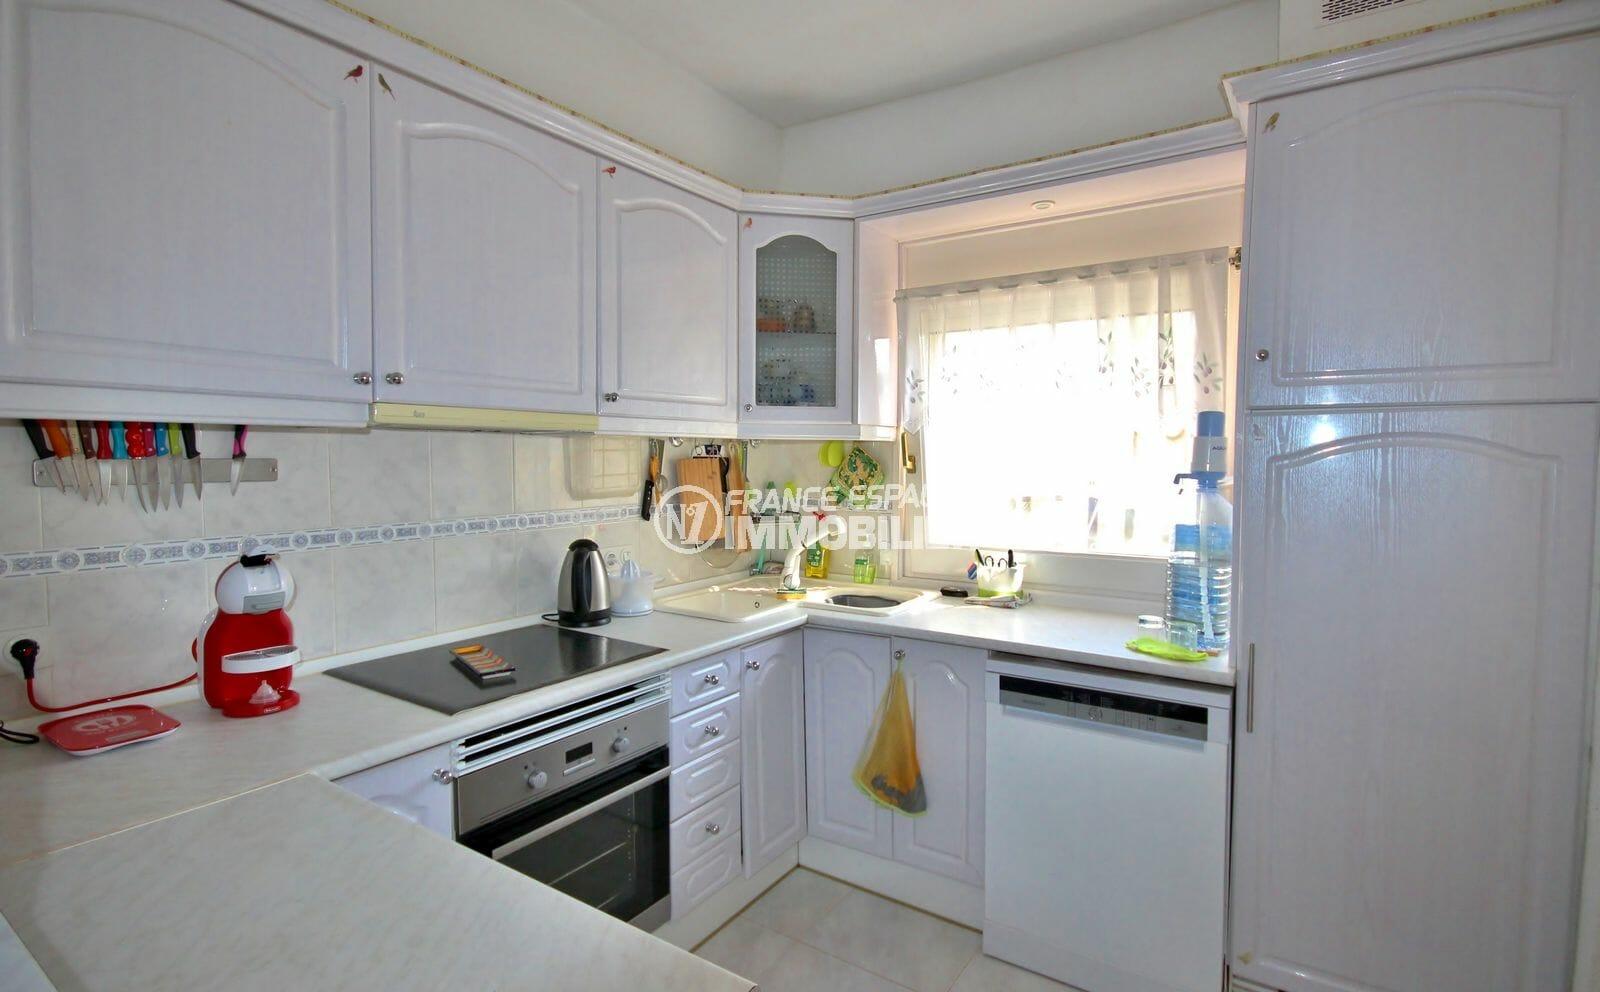 vente immobiliere costa brava: villa 104 m², cuisine équipée et fonctionnelle ouverte sur le salon